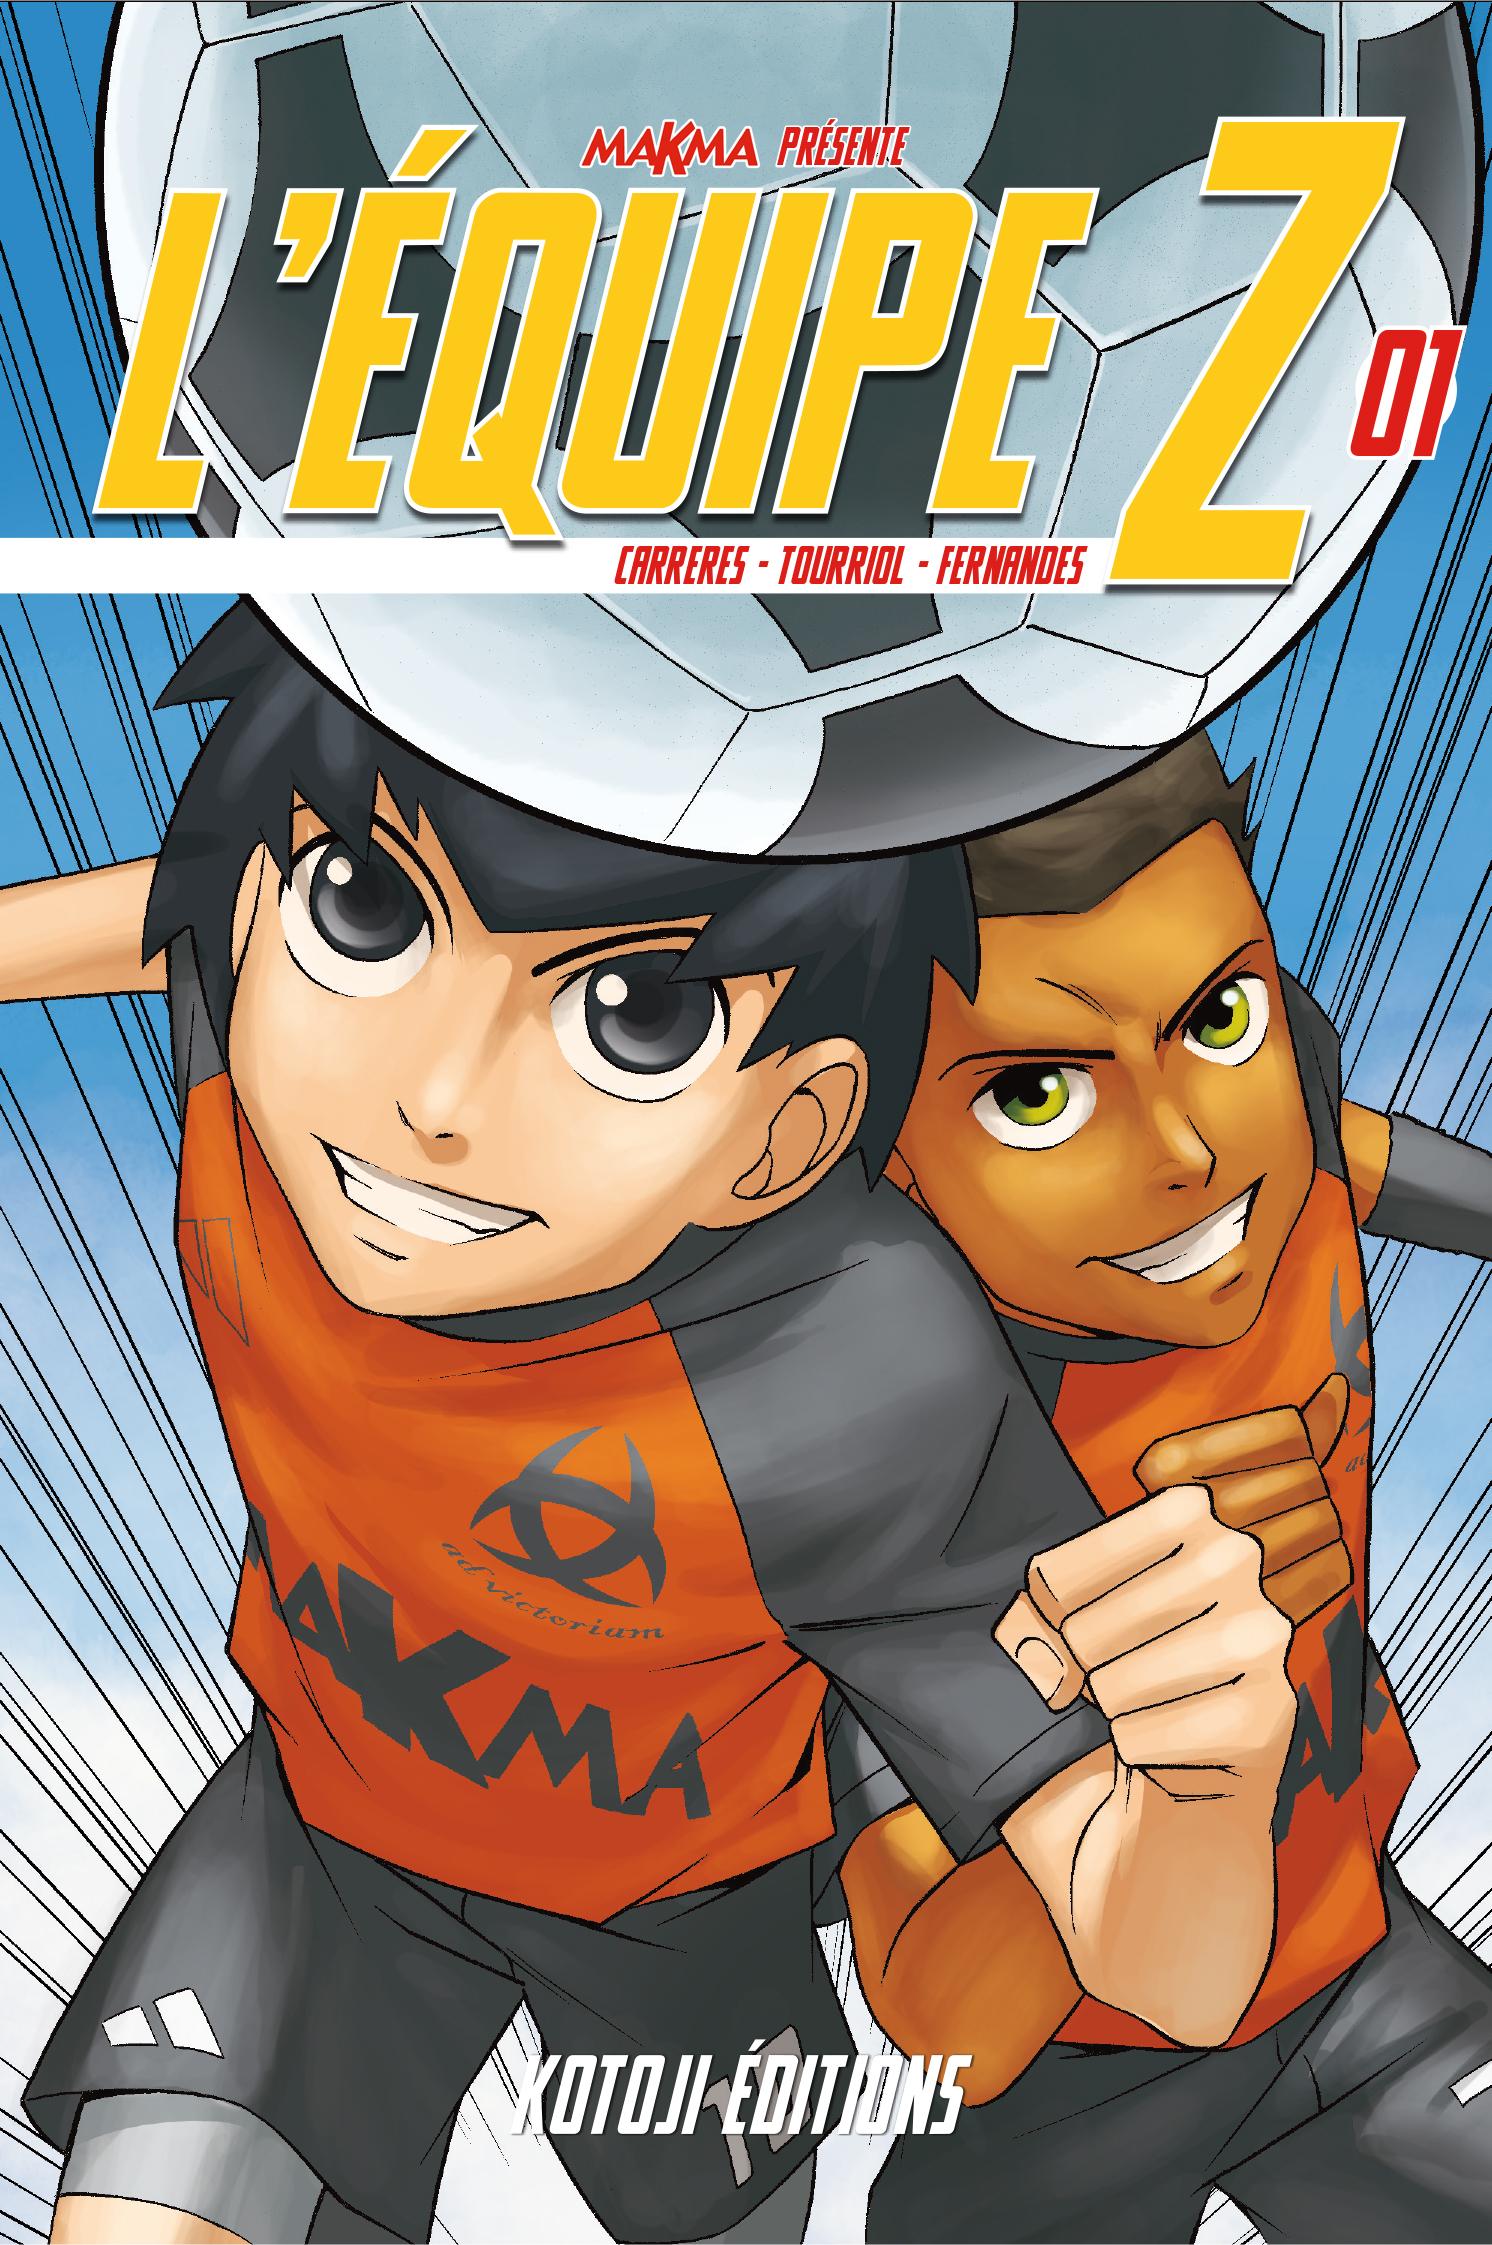 Après un premier volume réussi, les mangakas Tourriol, Fernandes et Carreres vous donnent rendez-vous pour L'Équipe Z tome 2 !